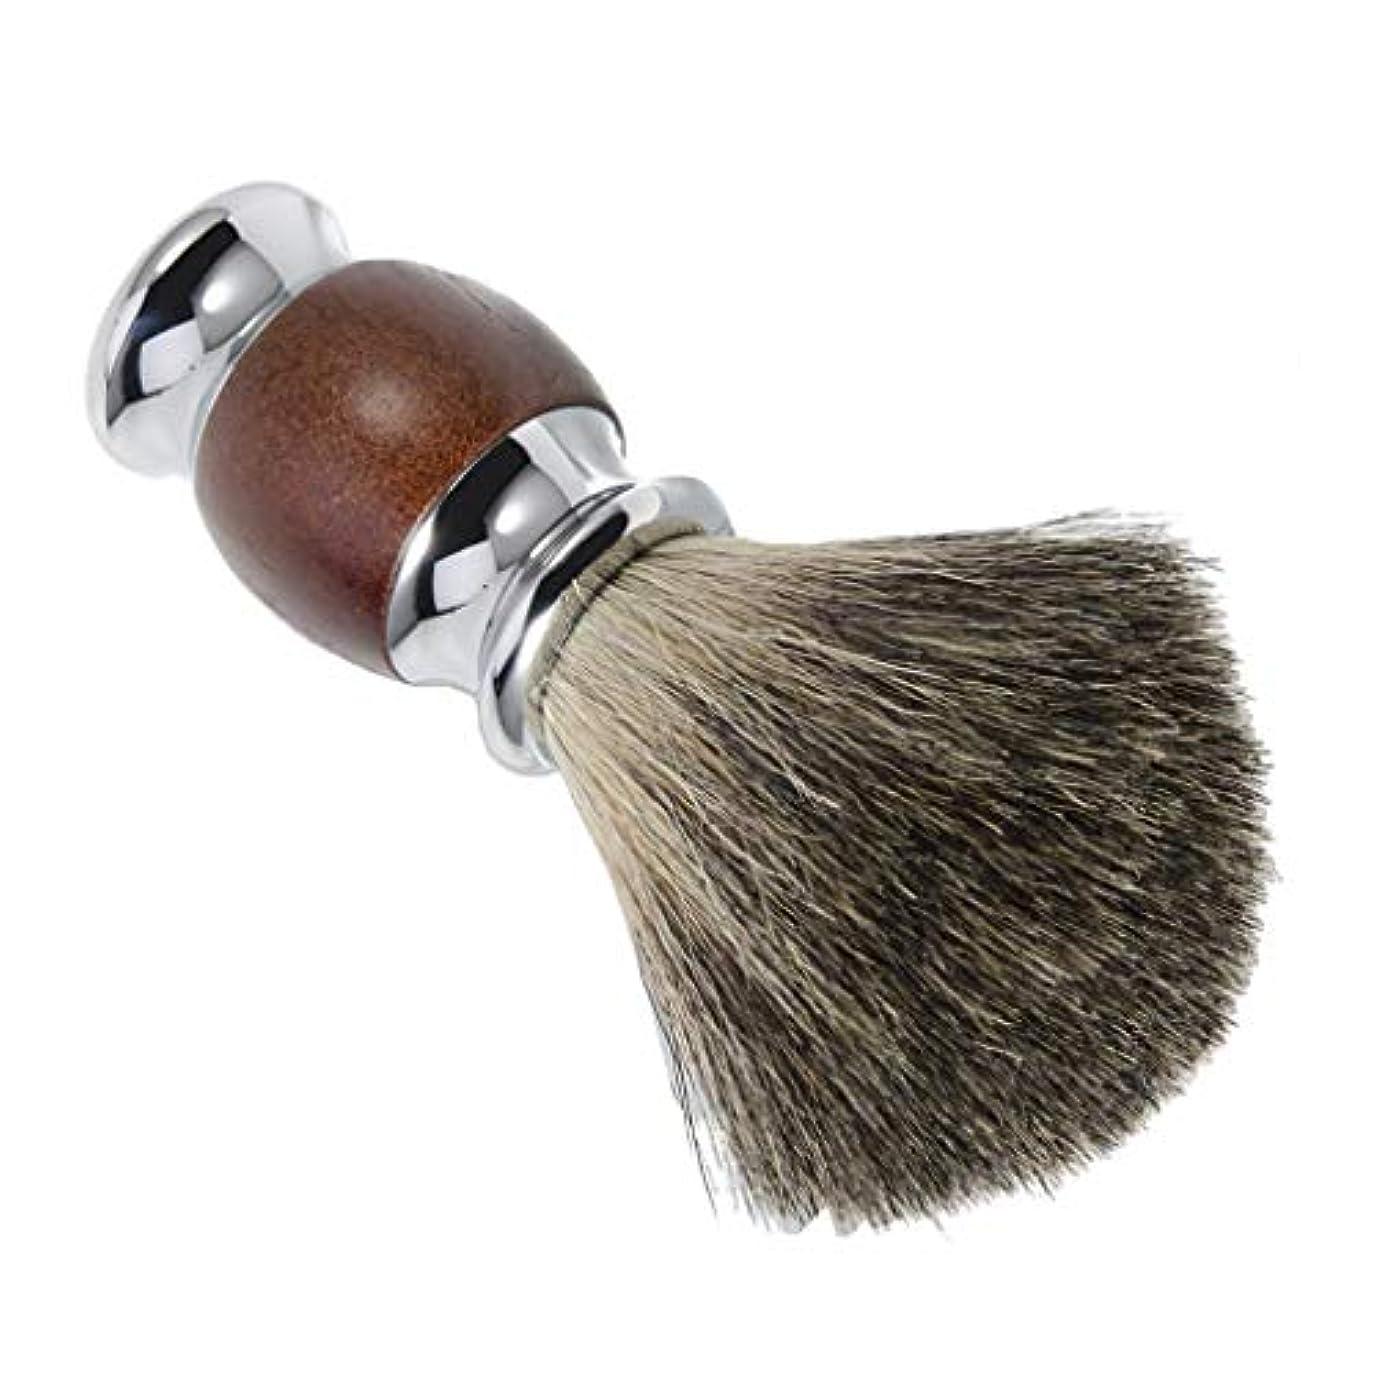 子猫おなじみの最大のHellery メンズ シェービングブラシ 木製ハンドル サロン 髭剃りツール 理容 洗顔 プレゼント